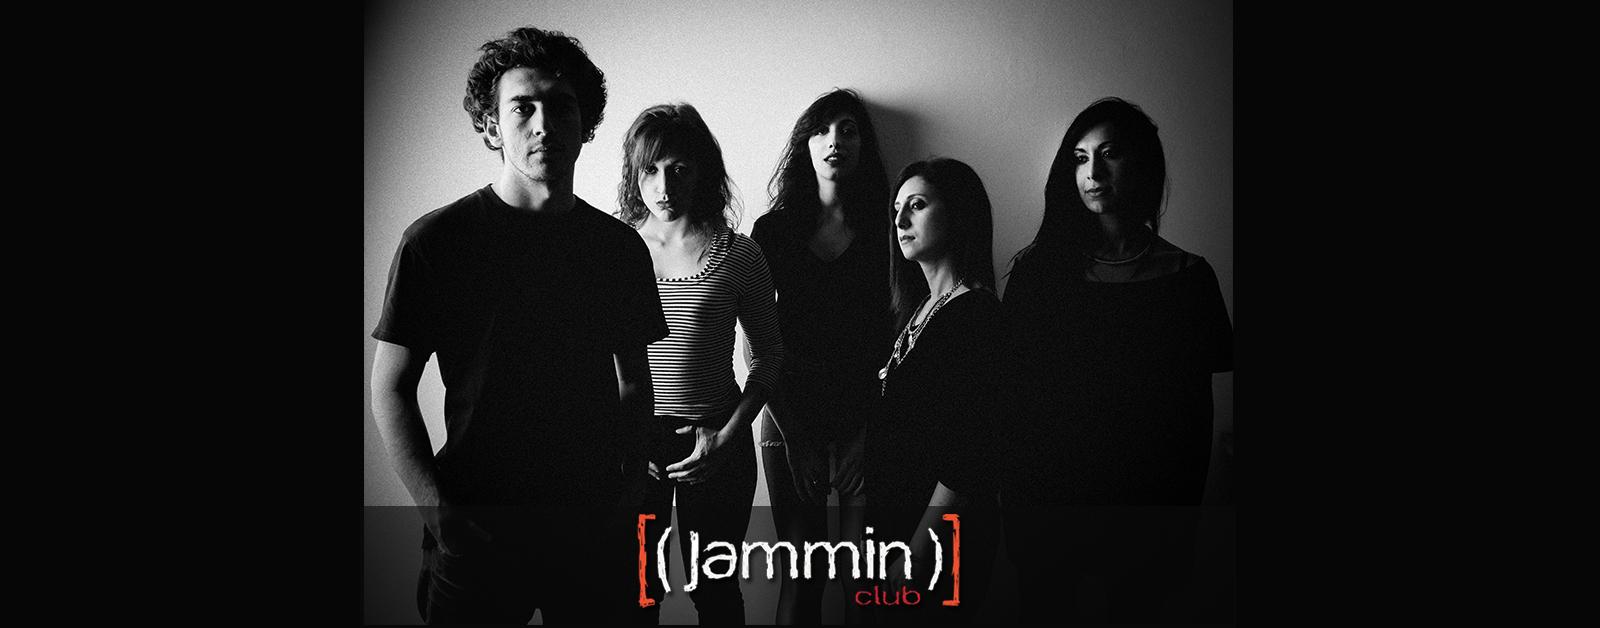 Il rock inedito dei DIANIME al Jammin' Club di Montesilvano